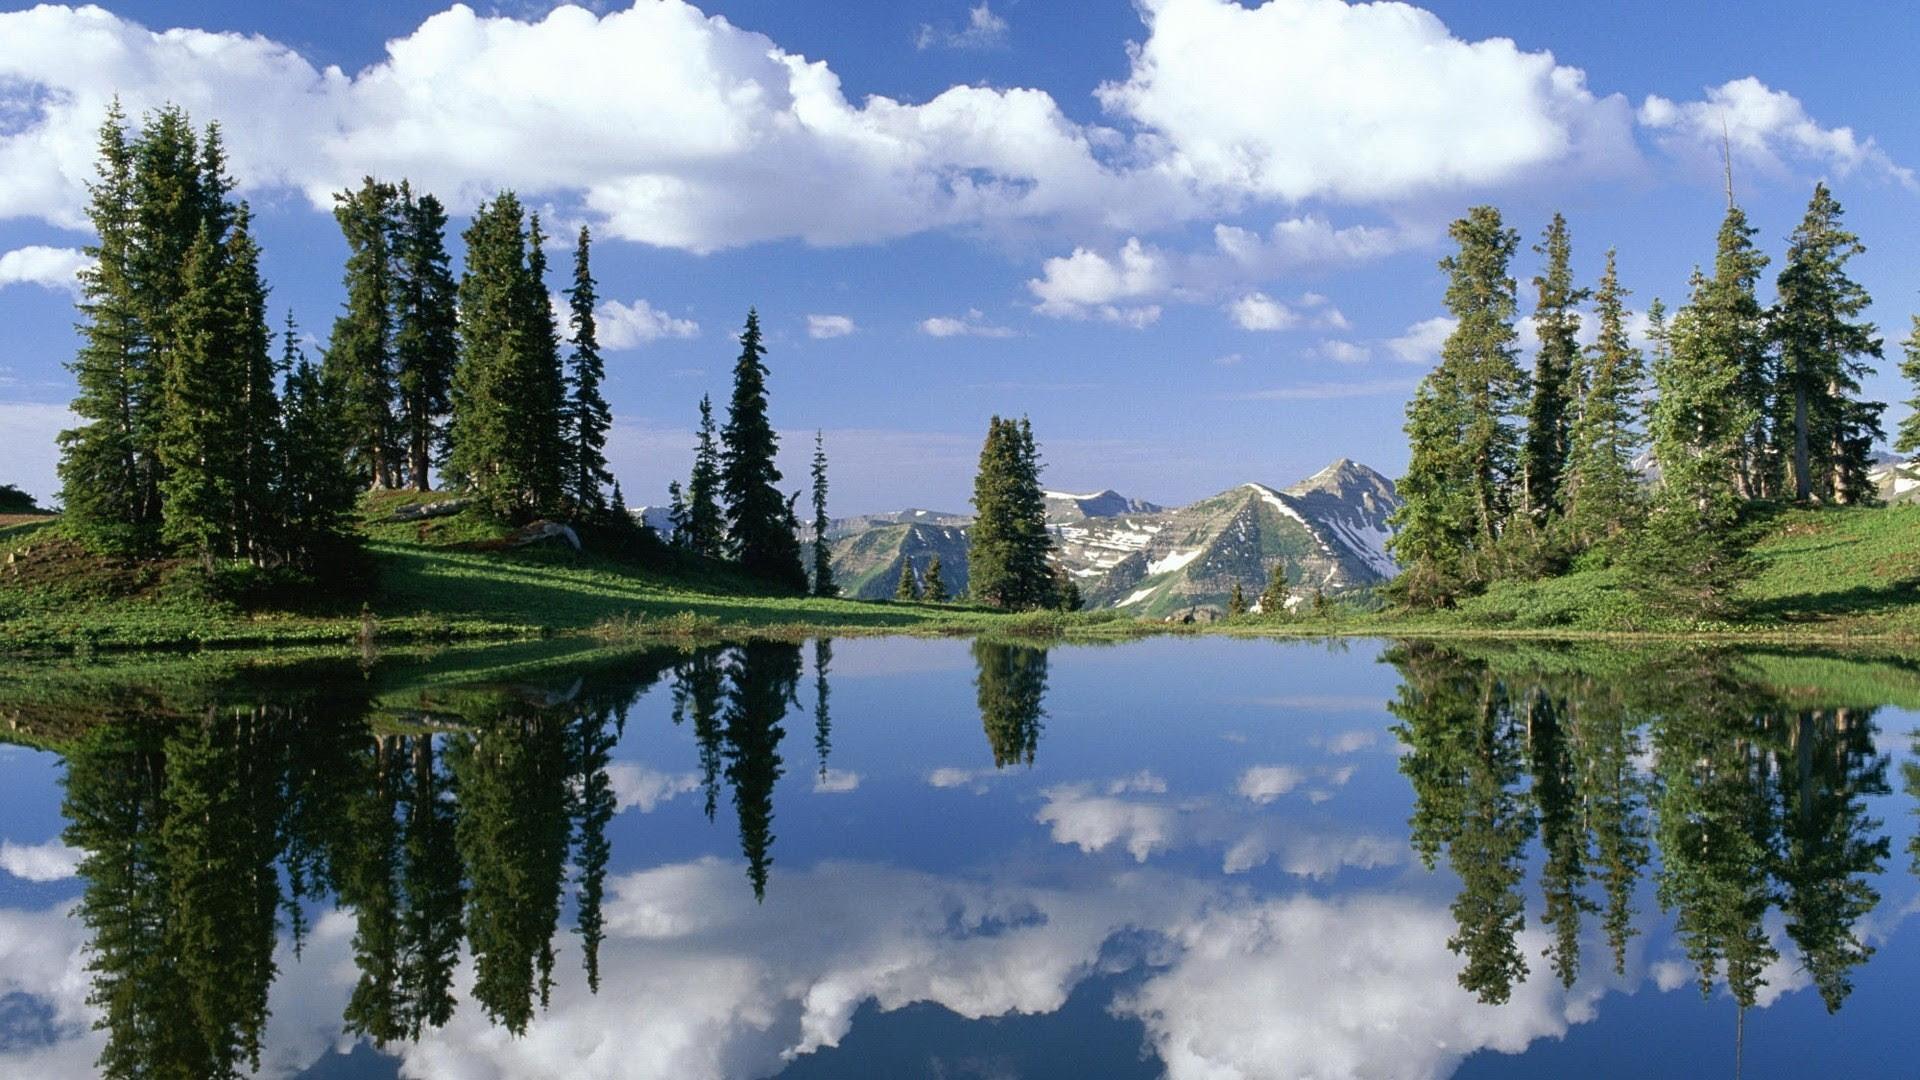 Landscape HD Wallpapers 1080p 81+ images